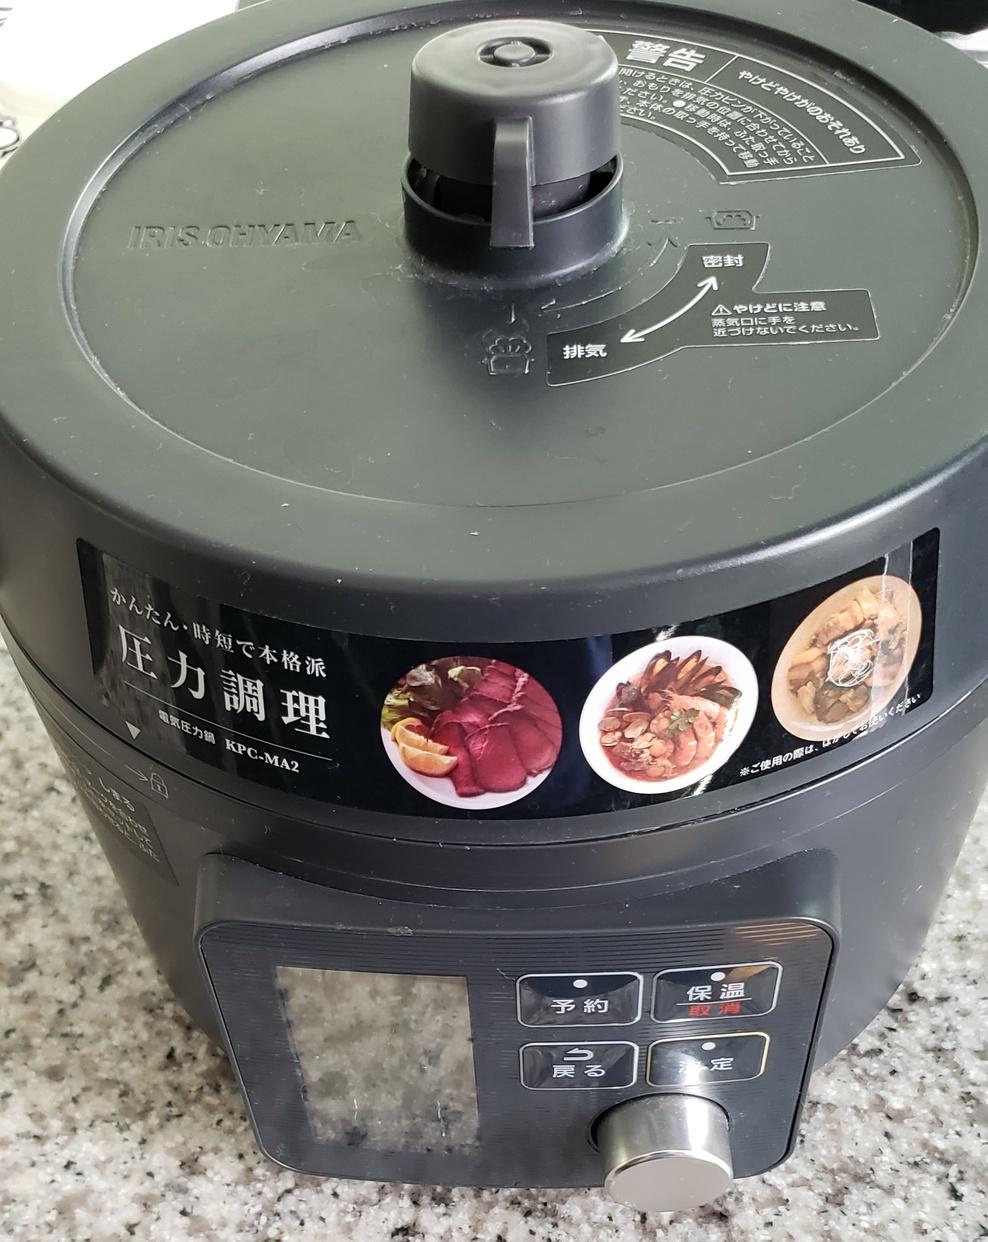 IRIS OHYAMA(アイリスオーヤマ)電気圧力鍋 KPC-MA2を使ったせあらさんのクチコミ画像1